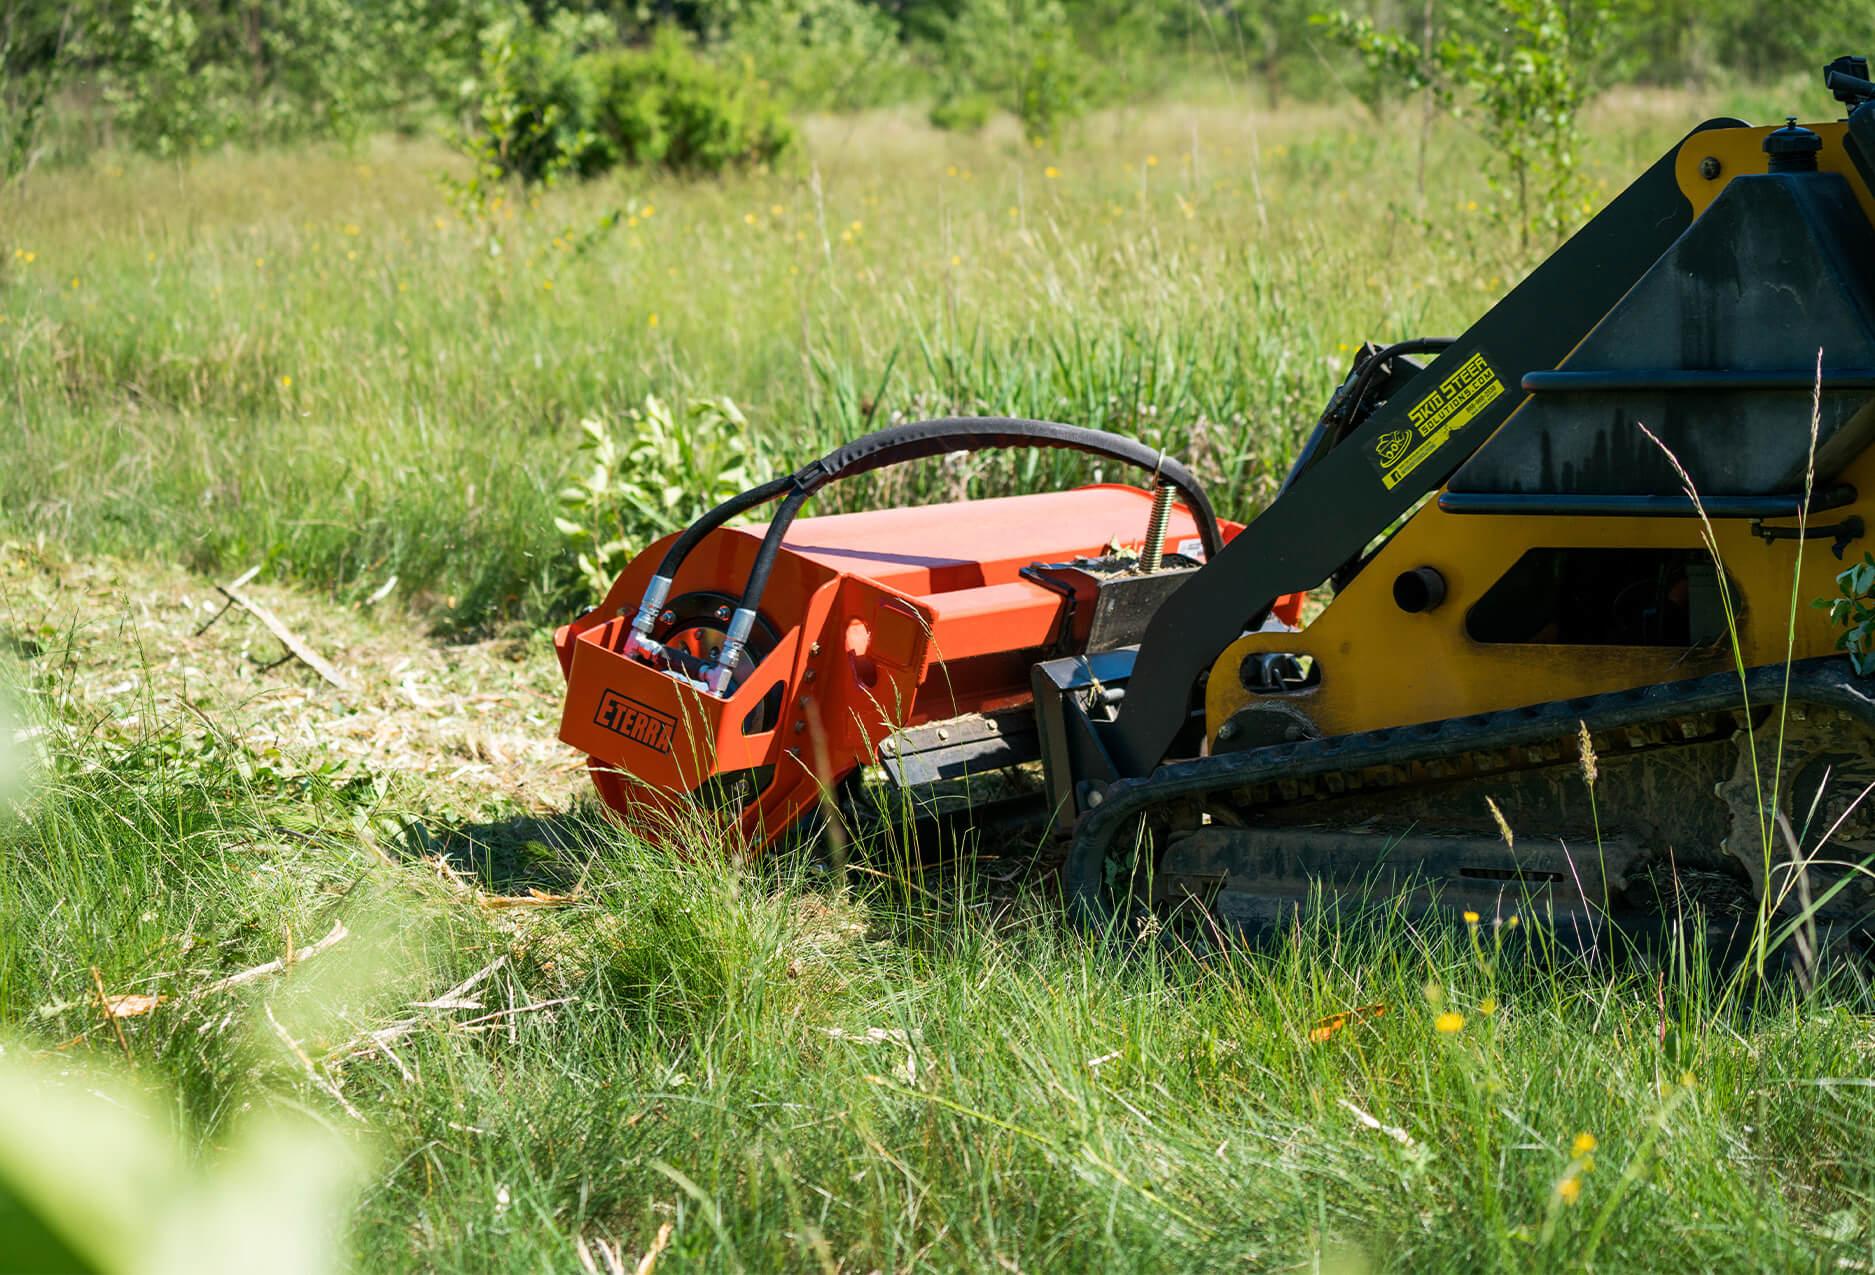 Eterra Sidewinder mini Skid Steer flail mower back angle